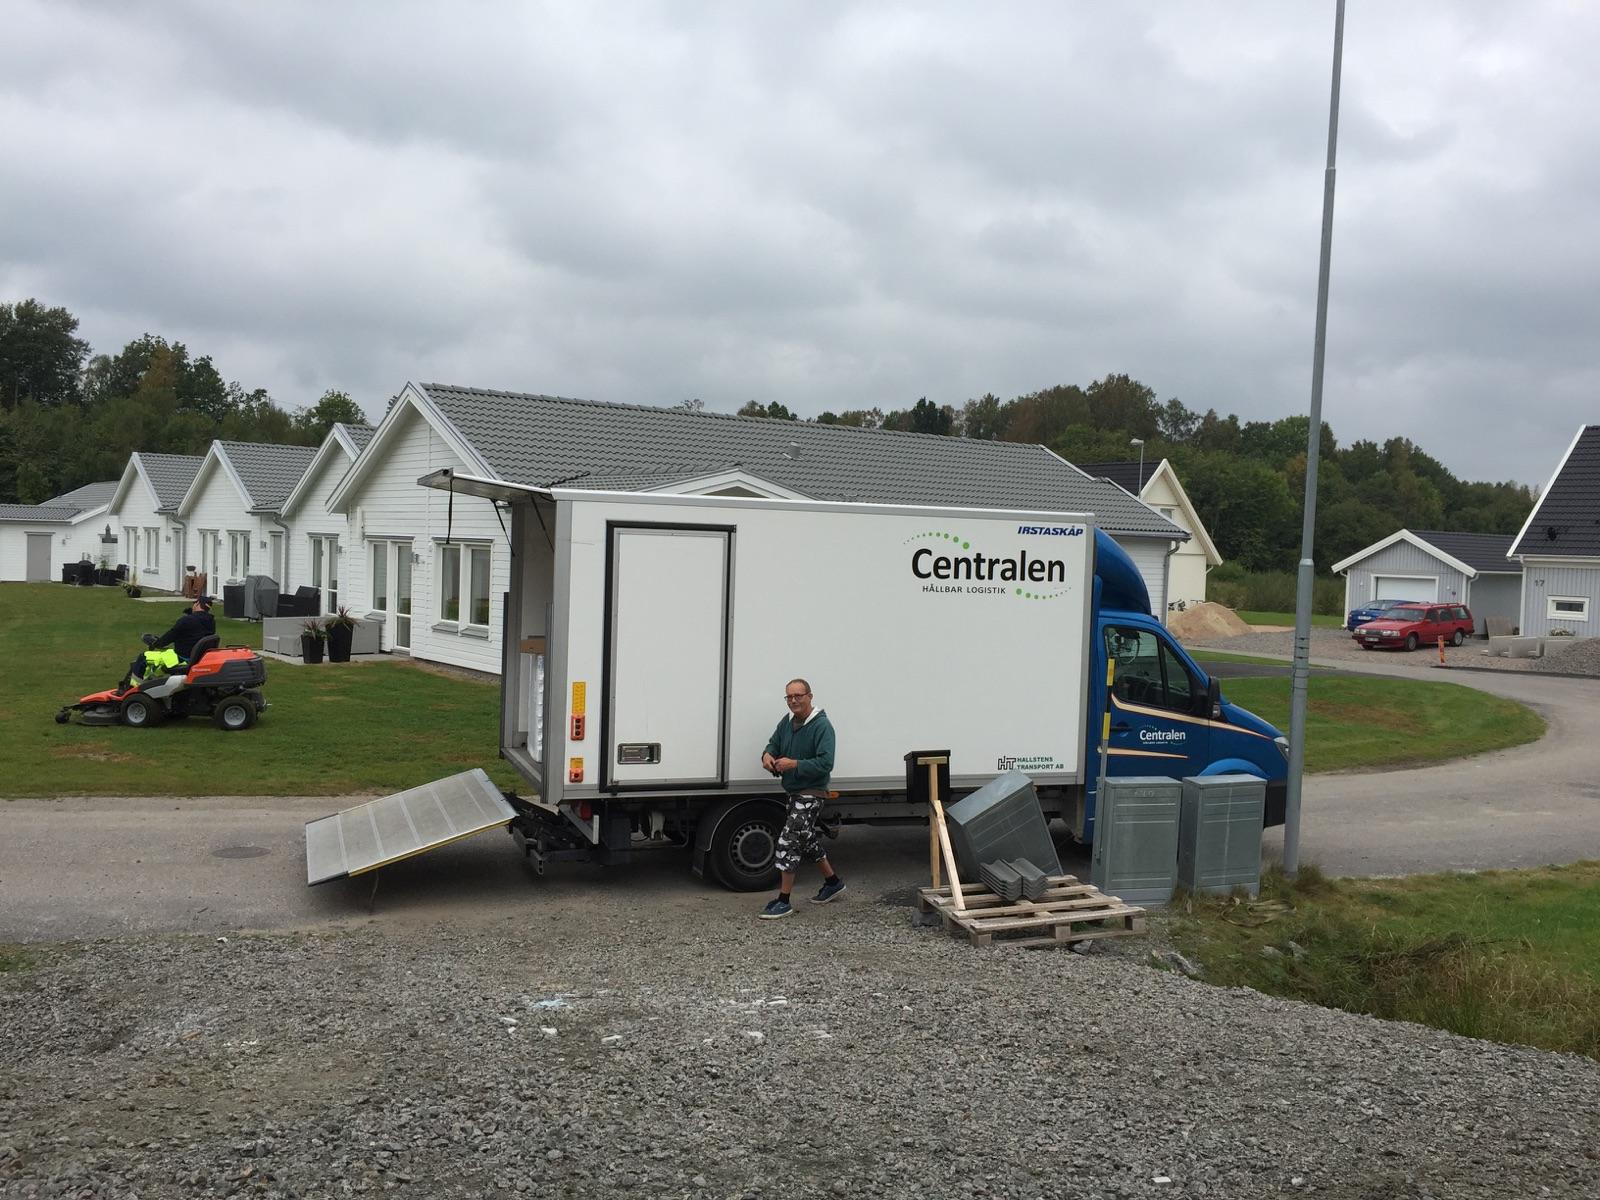 Här kommer en lastbil lastad med våra nya möbler!